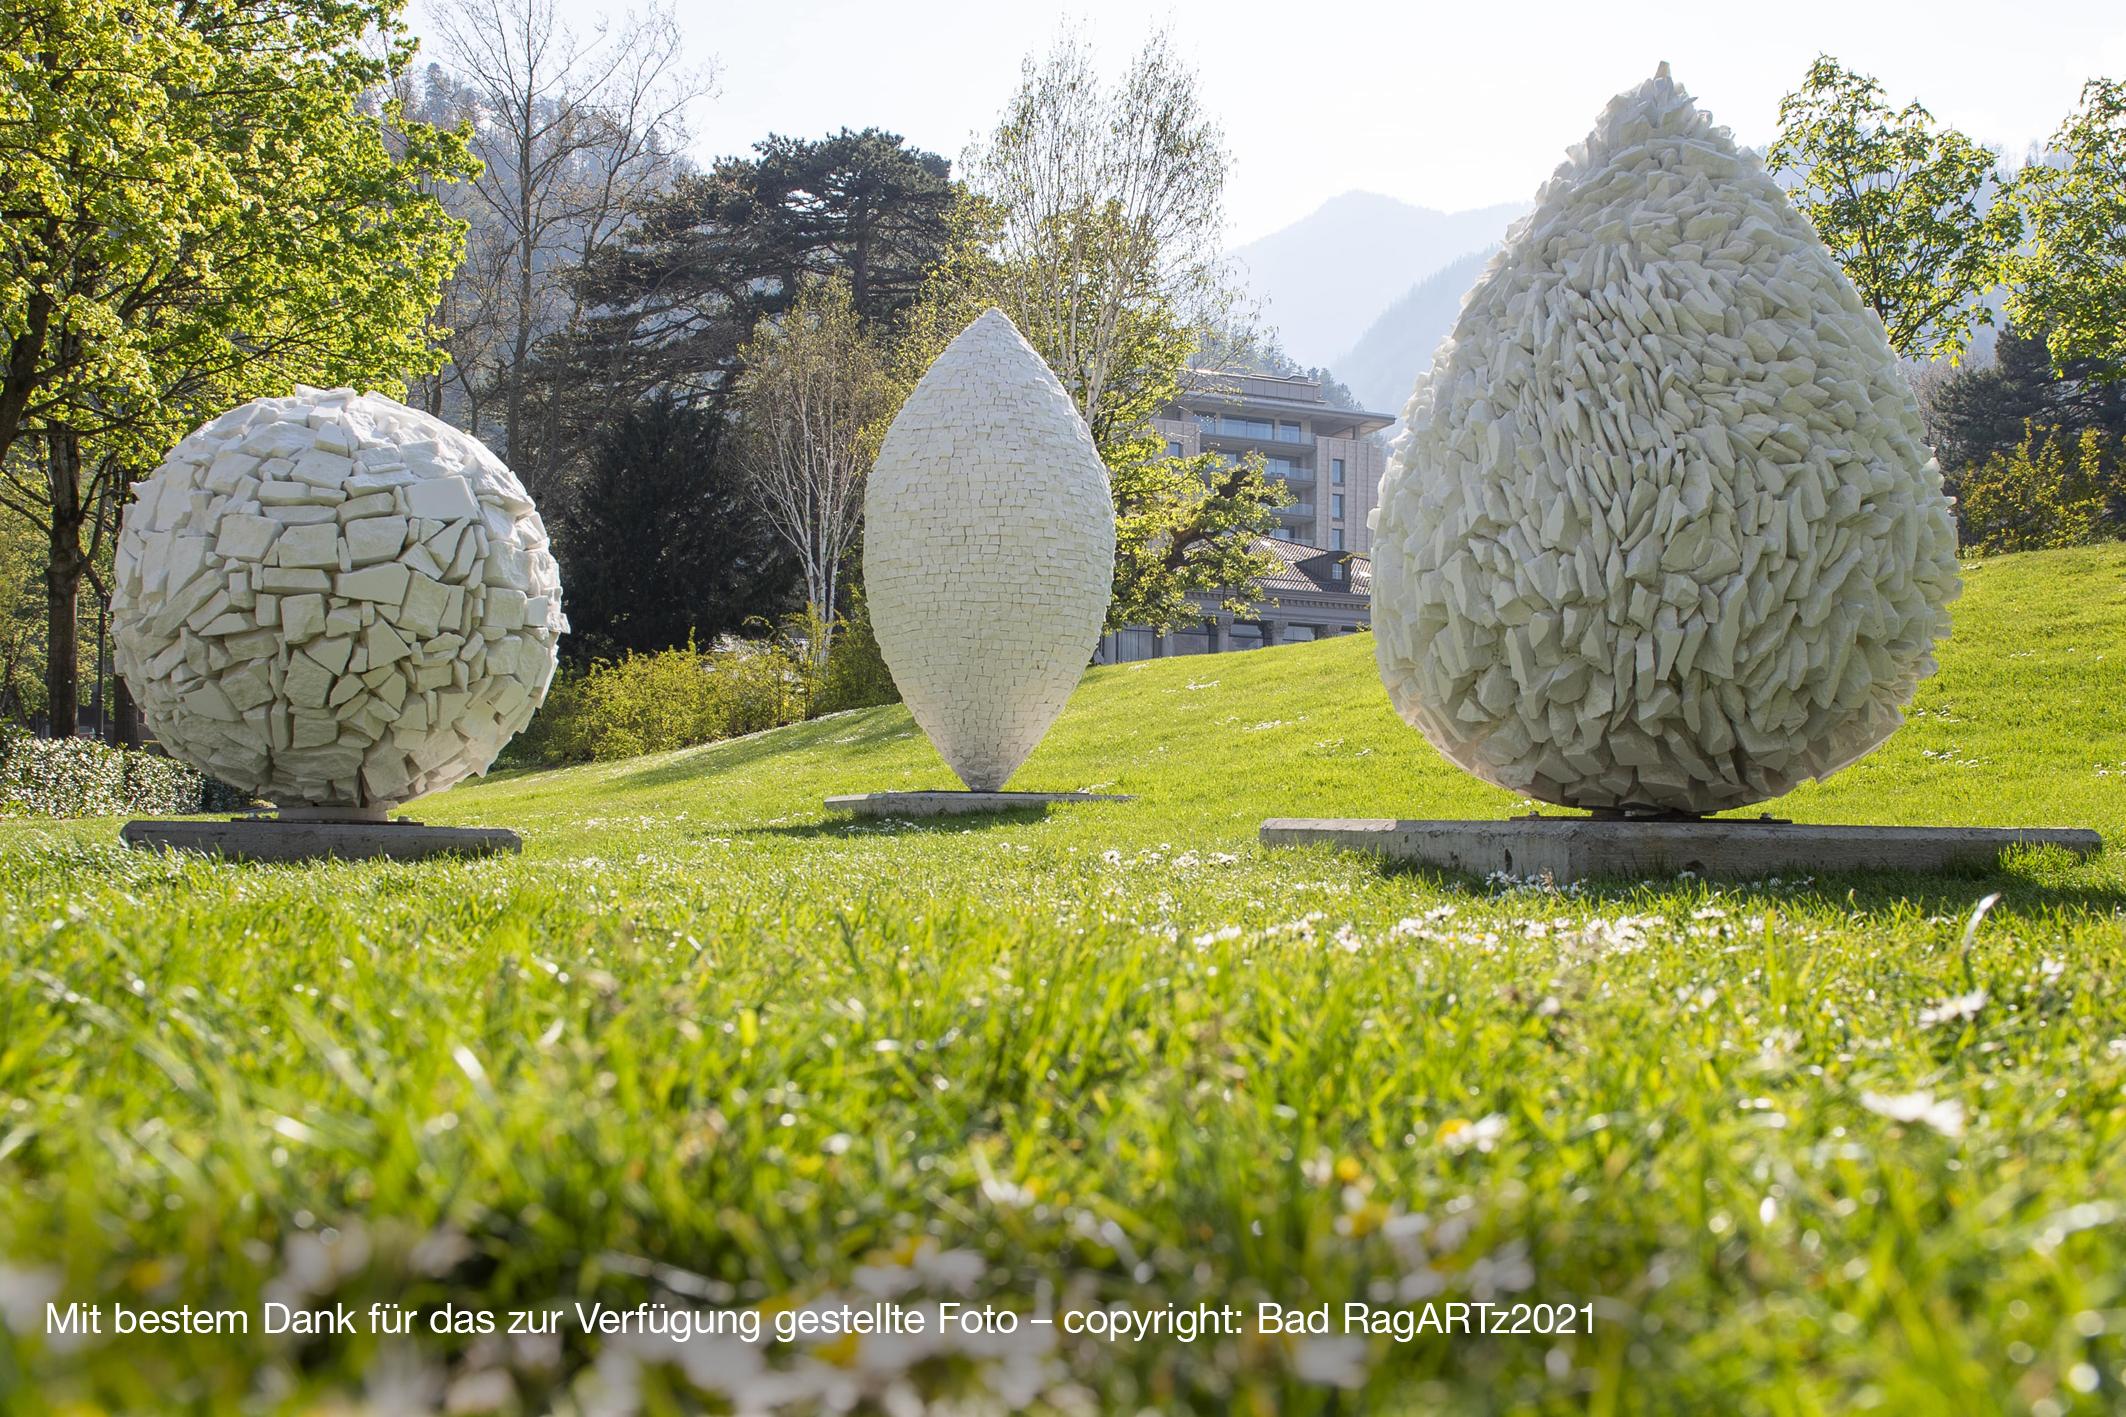 Kunstausfahrt zur Skulpturen-Triennale in Bad Ragaz (CH)